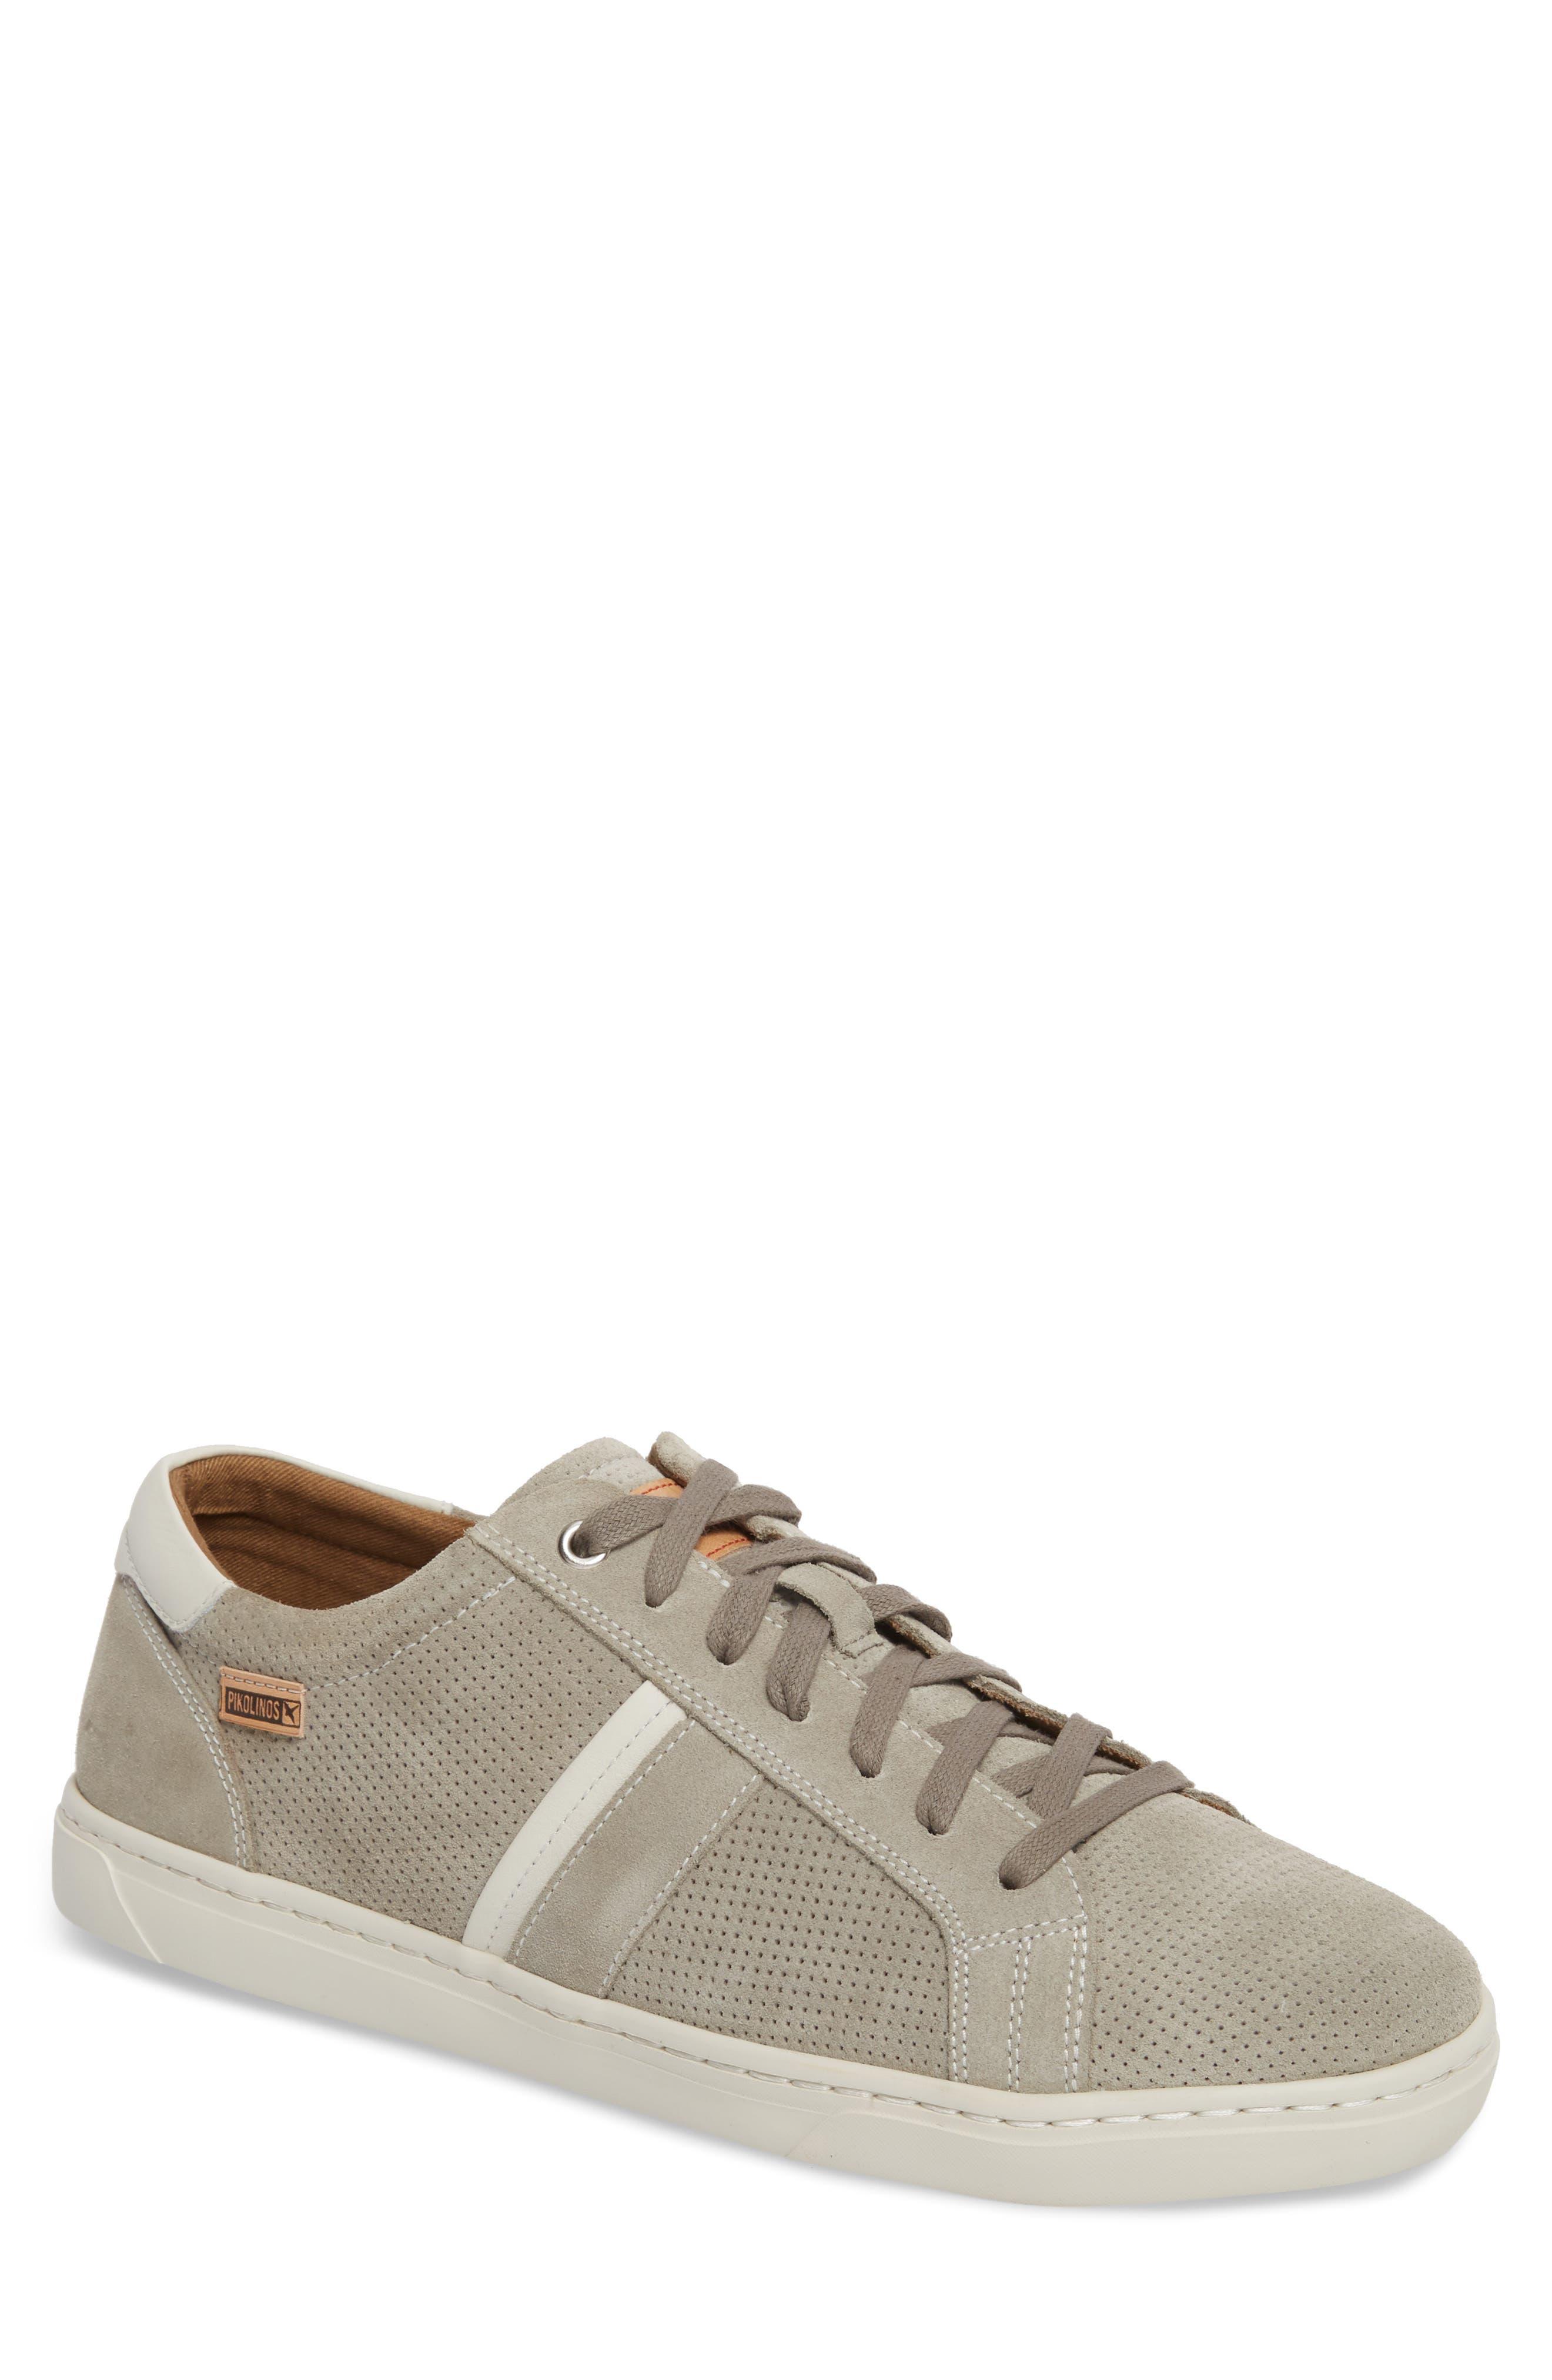 Belfort Perforated Sneaker,                             Main thumbnail 1, color,                             020